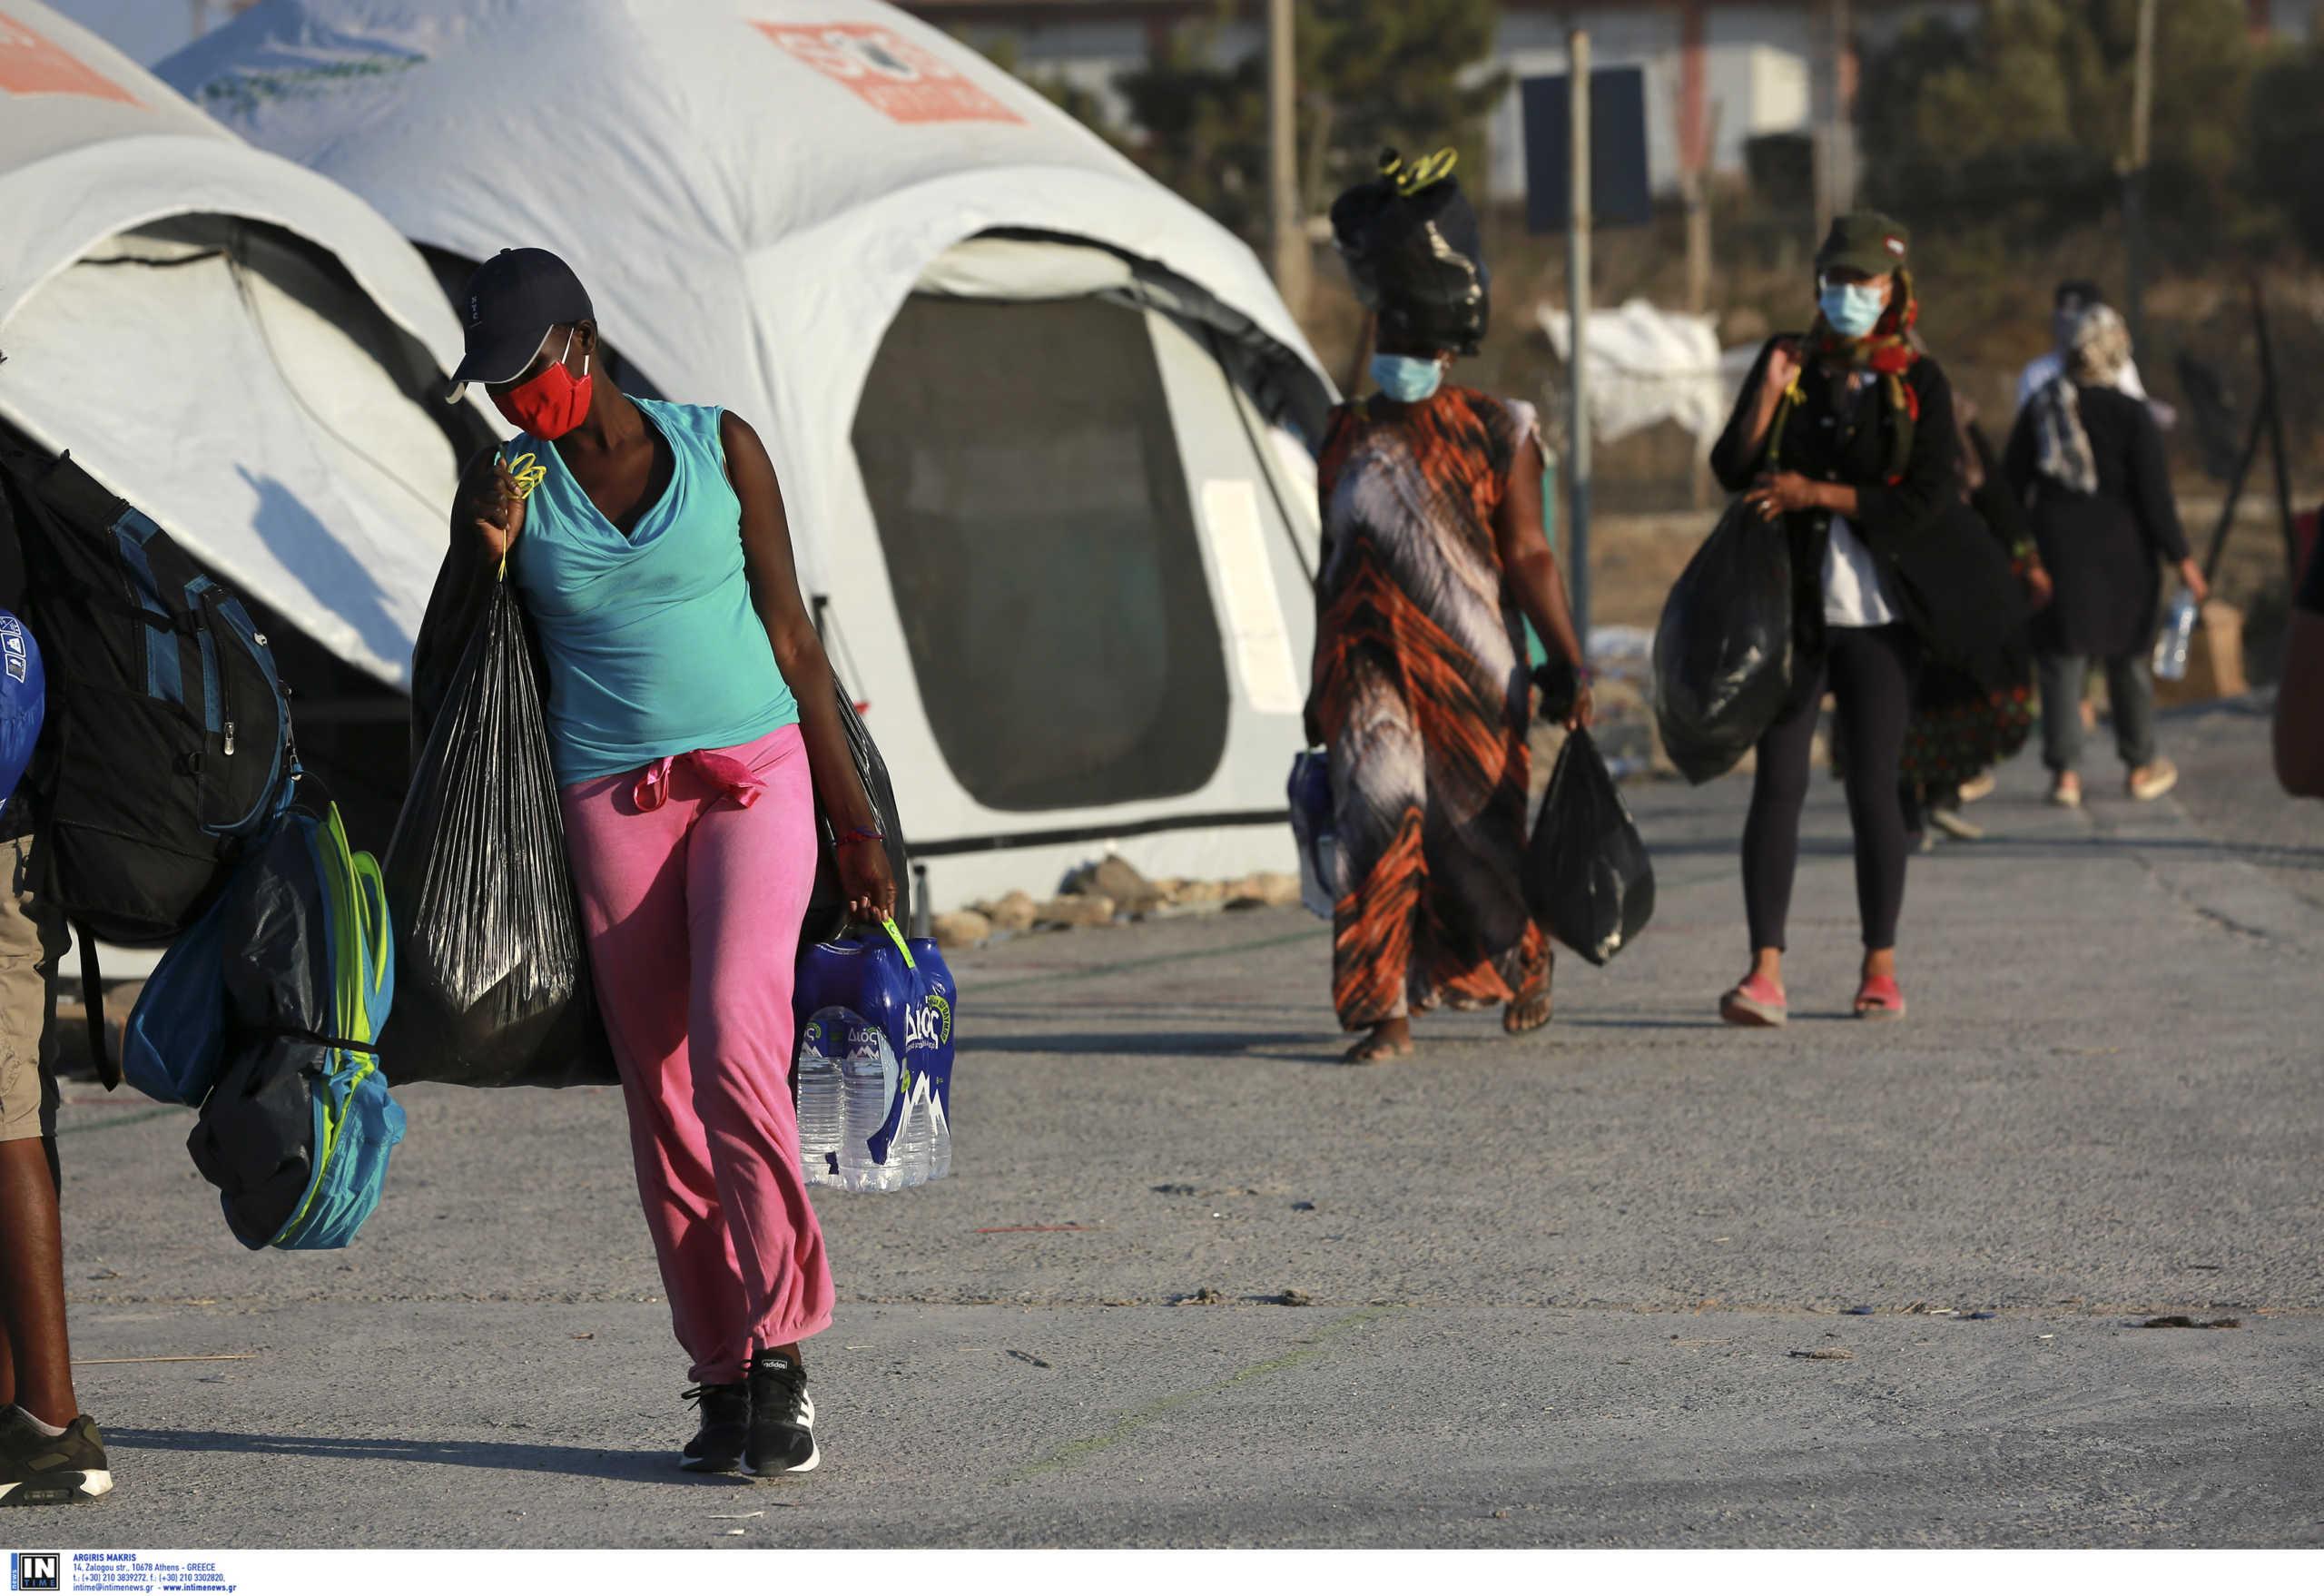 Προβλήματα από την κακοκαιρία στο κέντρο μεταναστών του Καρά Τεπέ